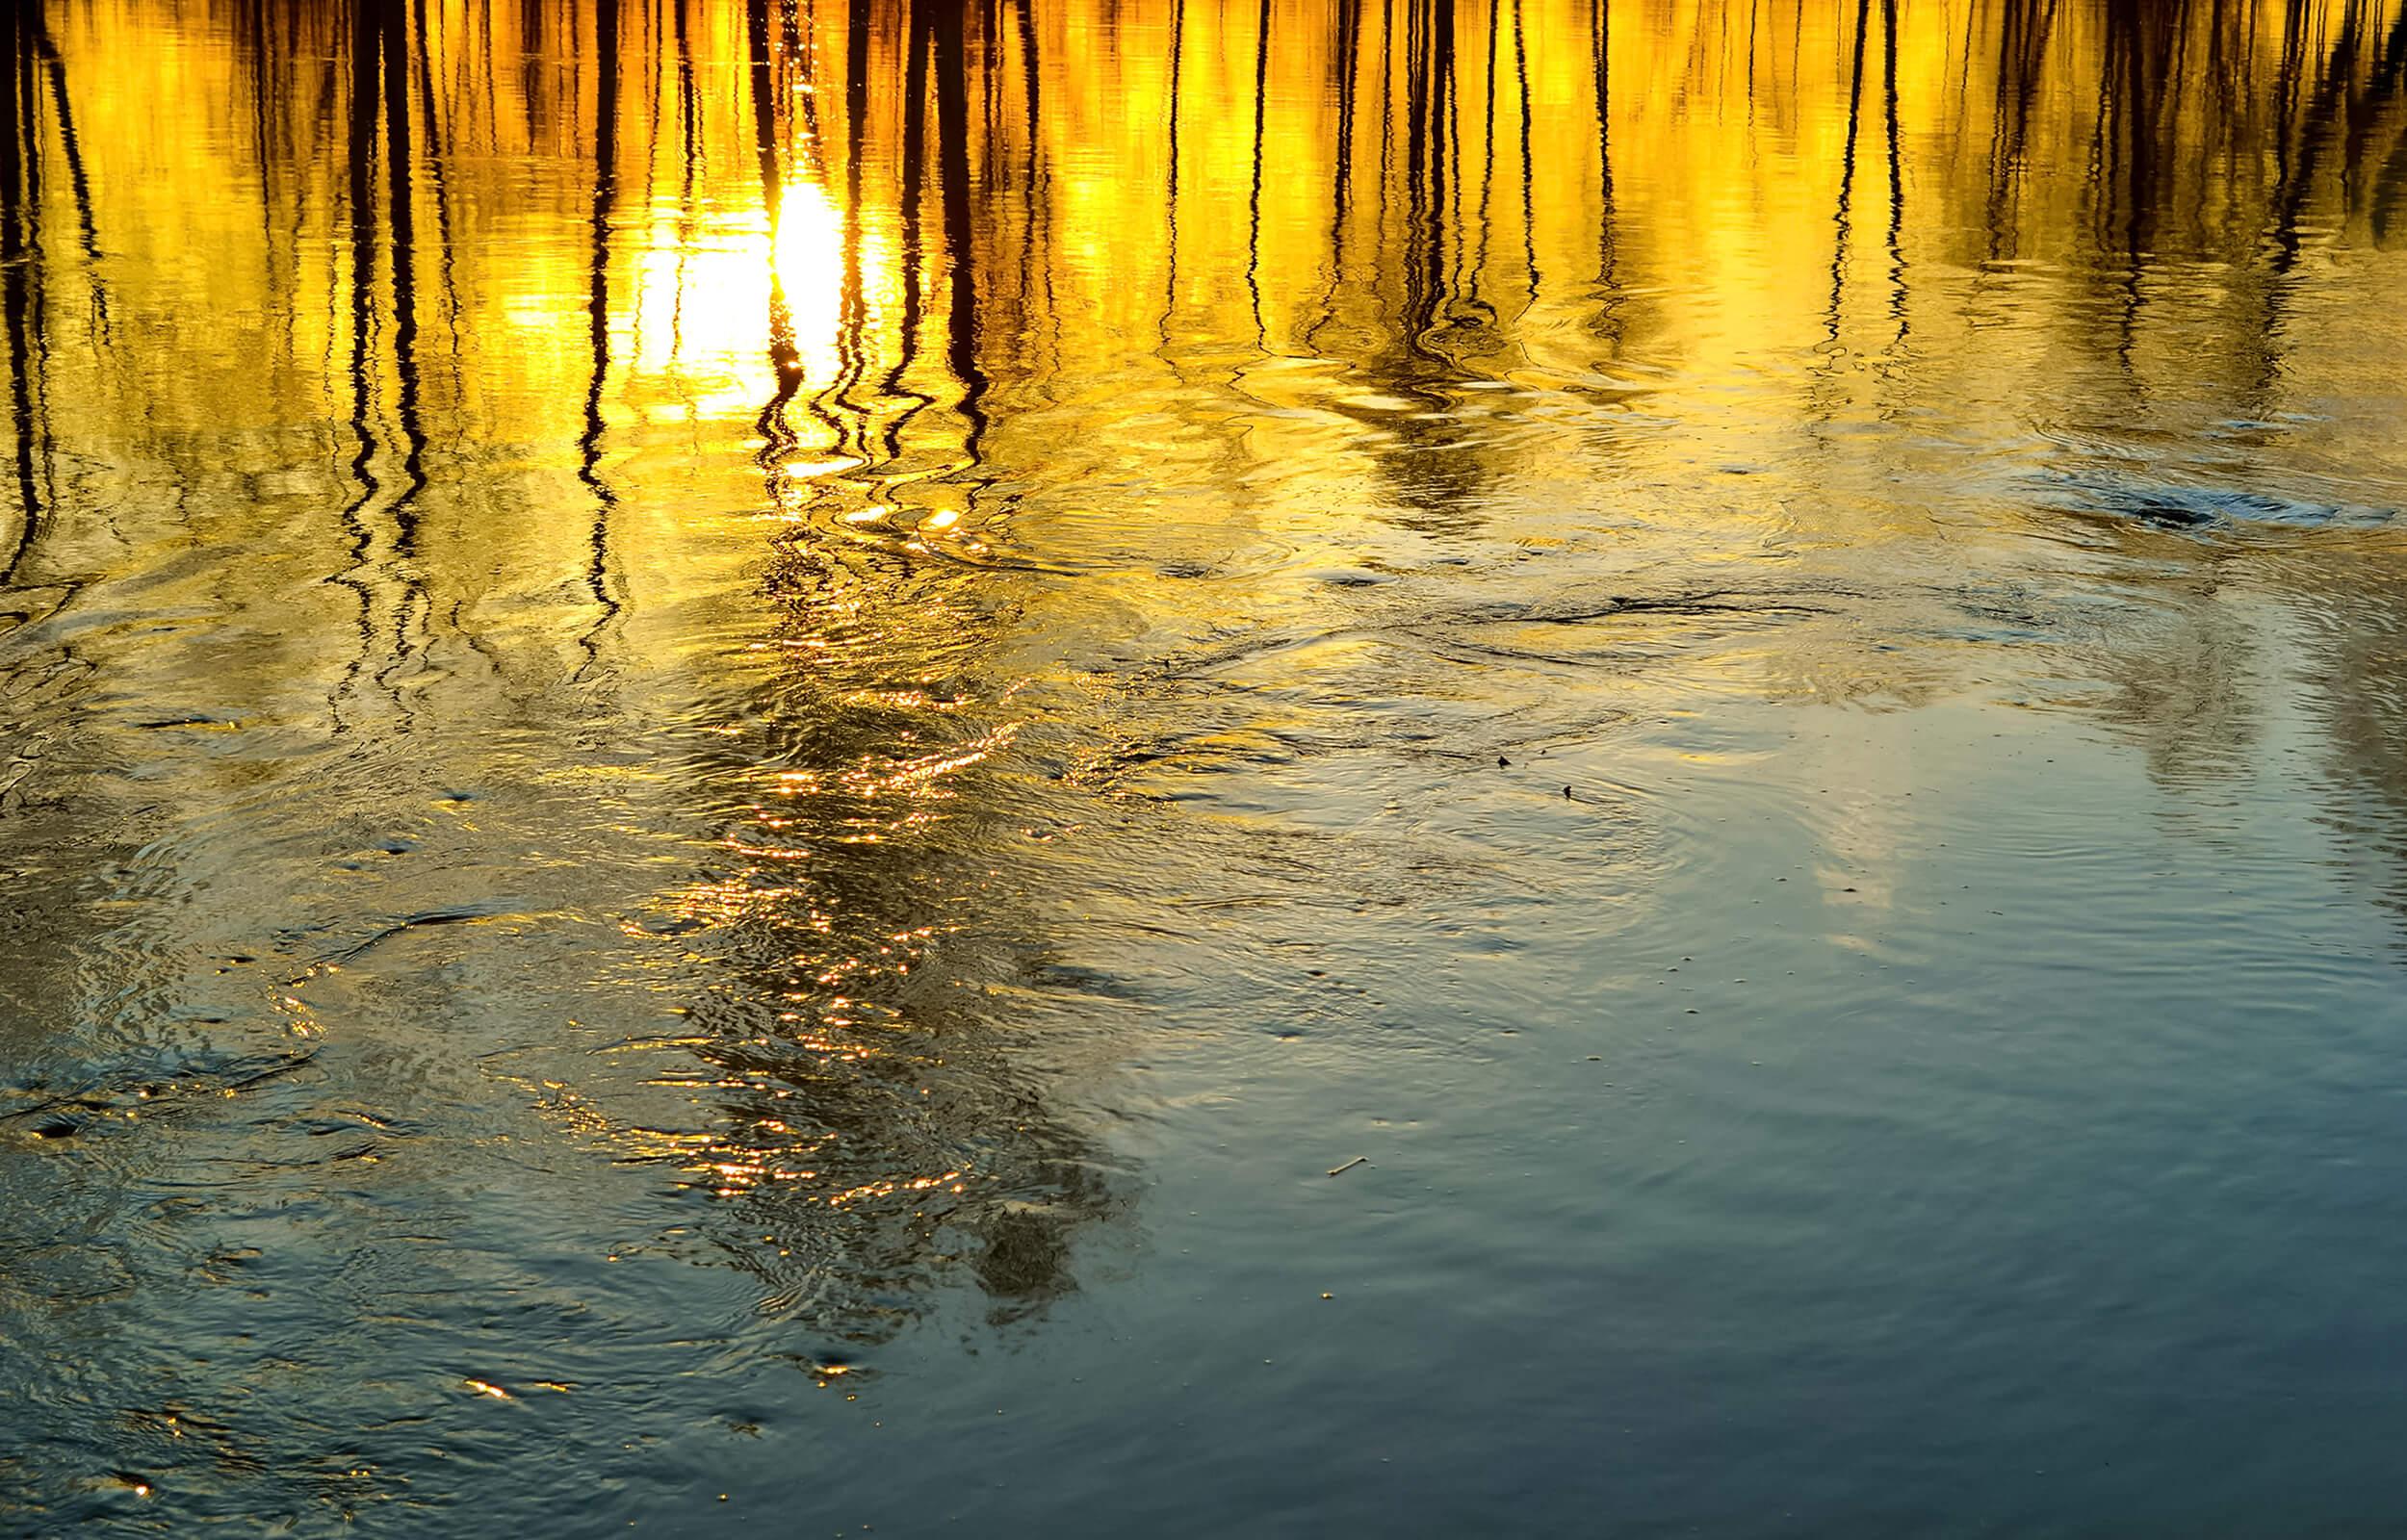 Sonnenuntergang Spiegelung auf Wasser